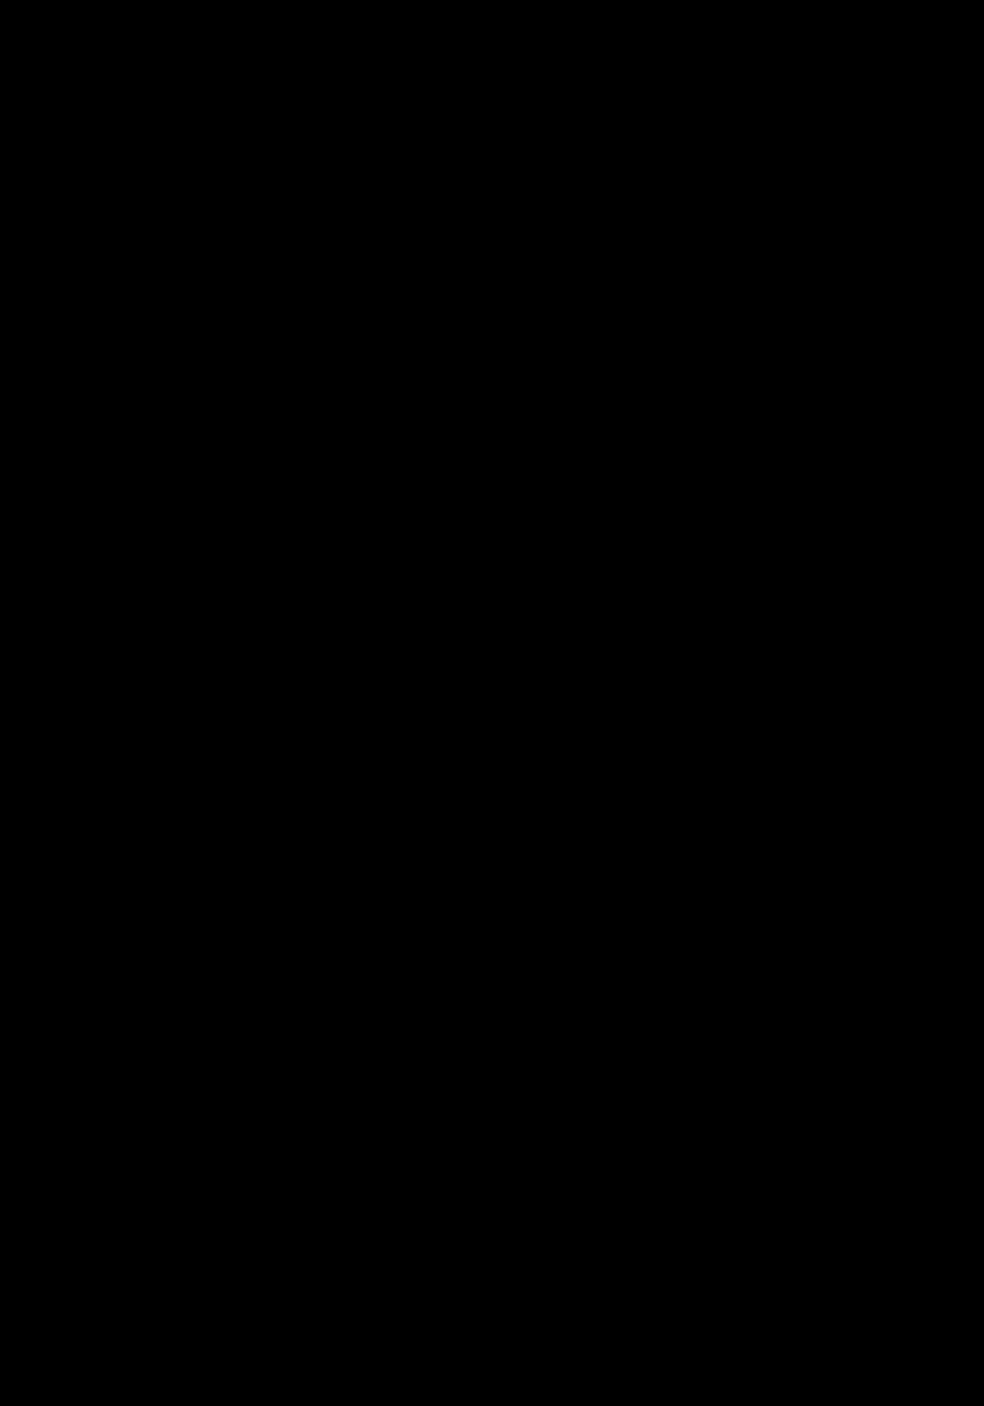 ナカミンダ B-S BNMD-S 横組見本